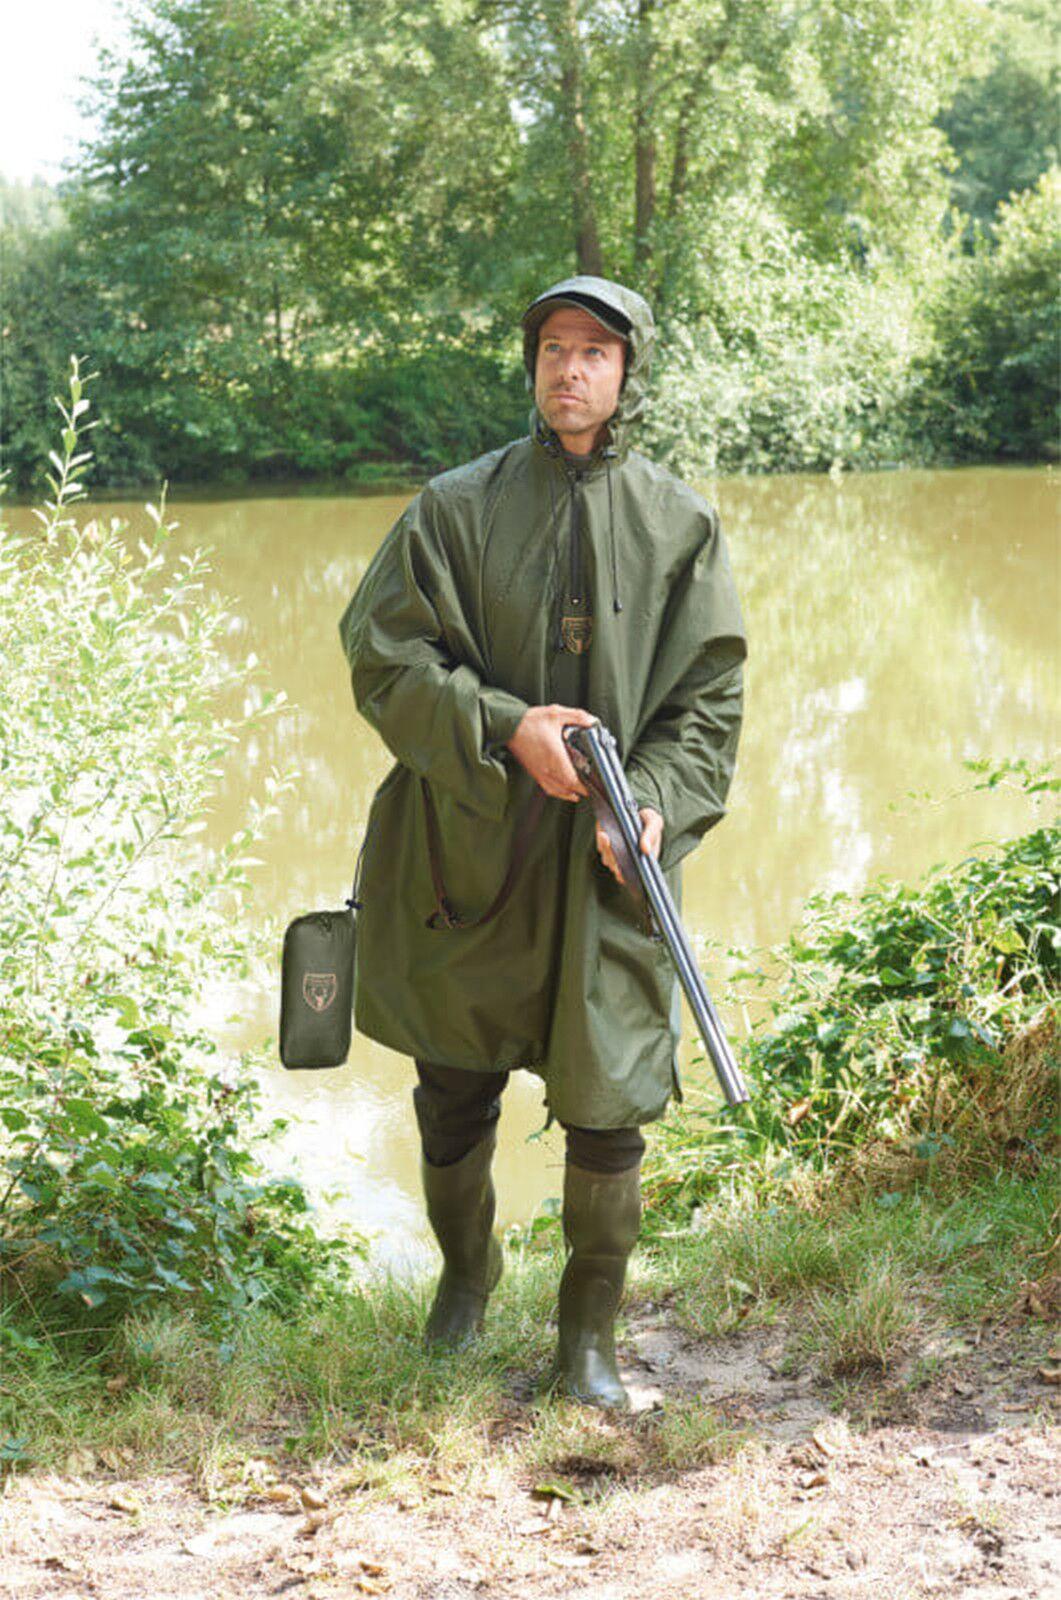 Hubertus lluvia Poncho verde oliva poncho jagdponcho wanderponcho unisex One Talla